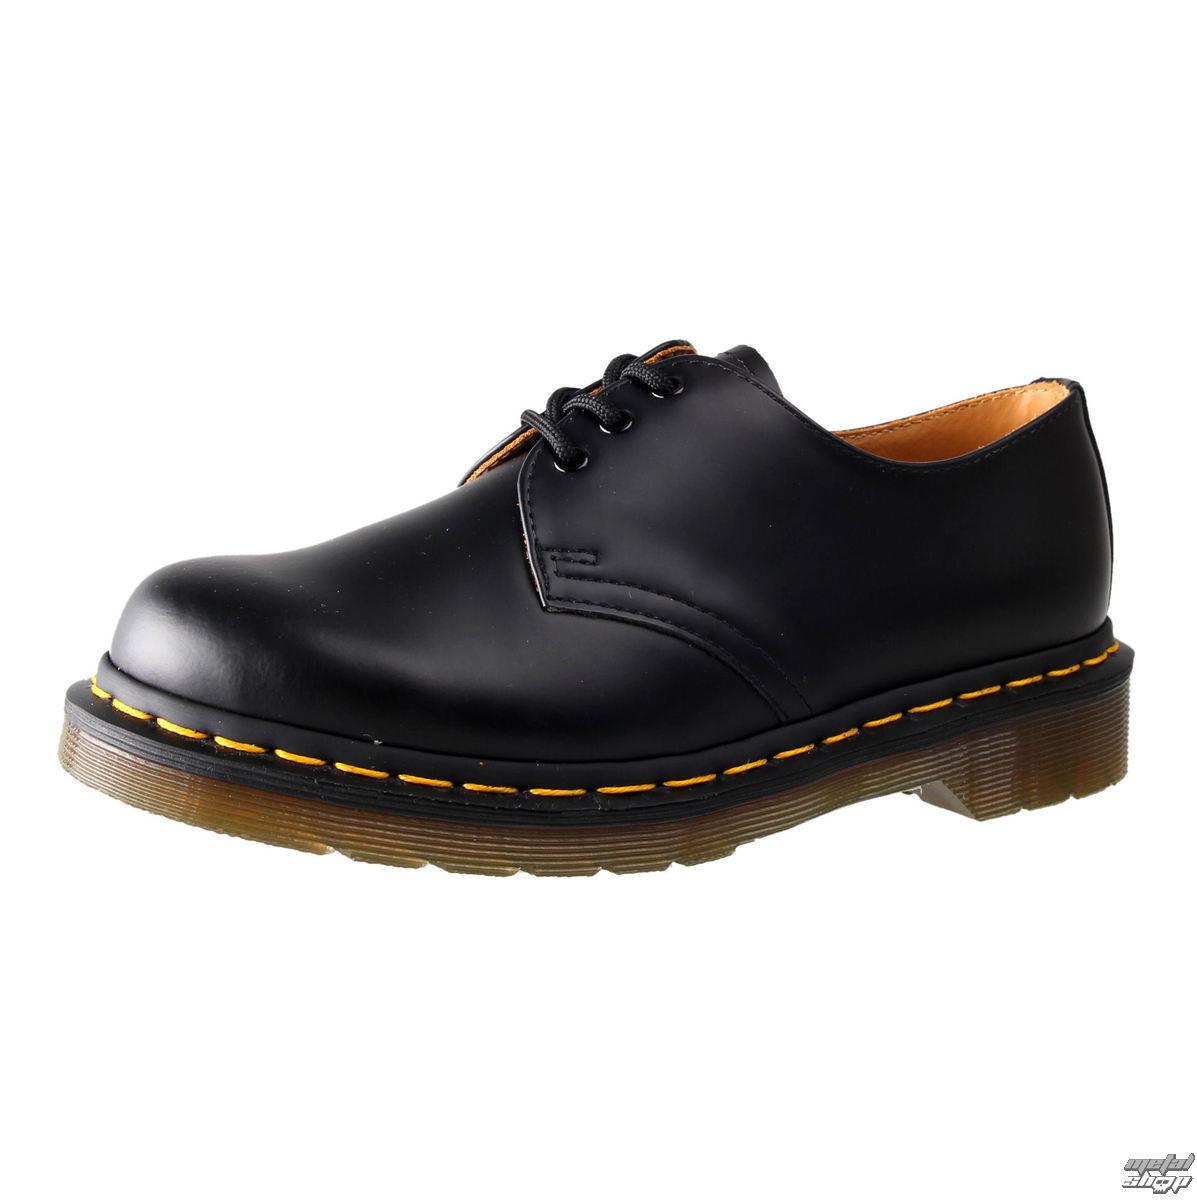 topánky Dr. Martens - 3 dierkové - Black Smooth - 1461 59